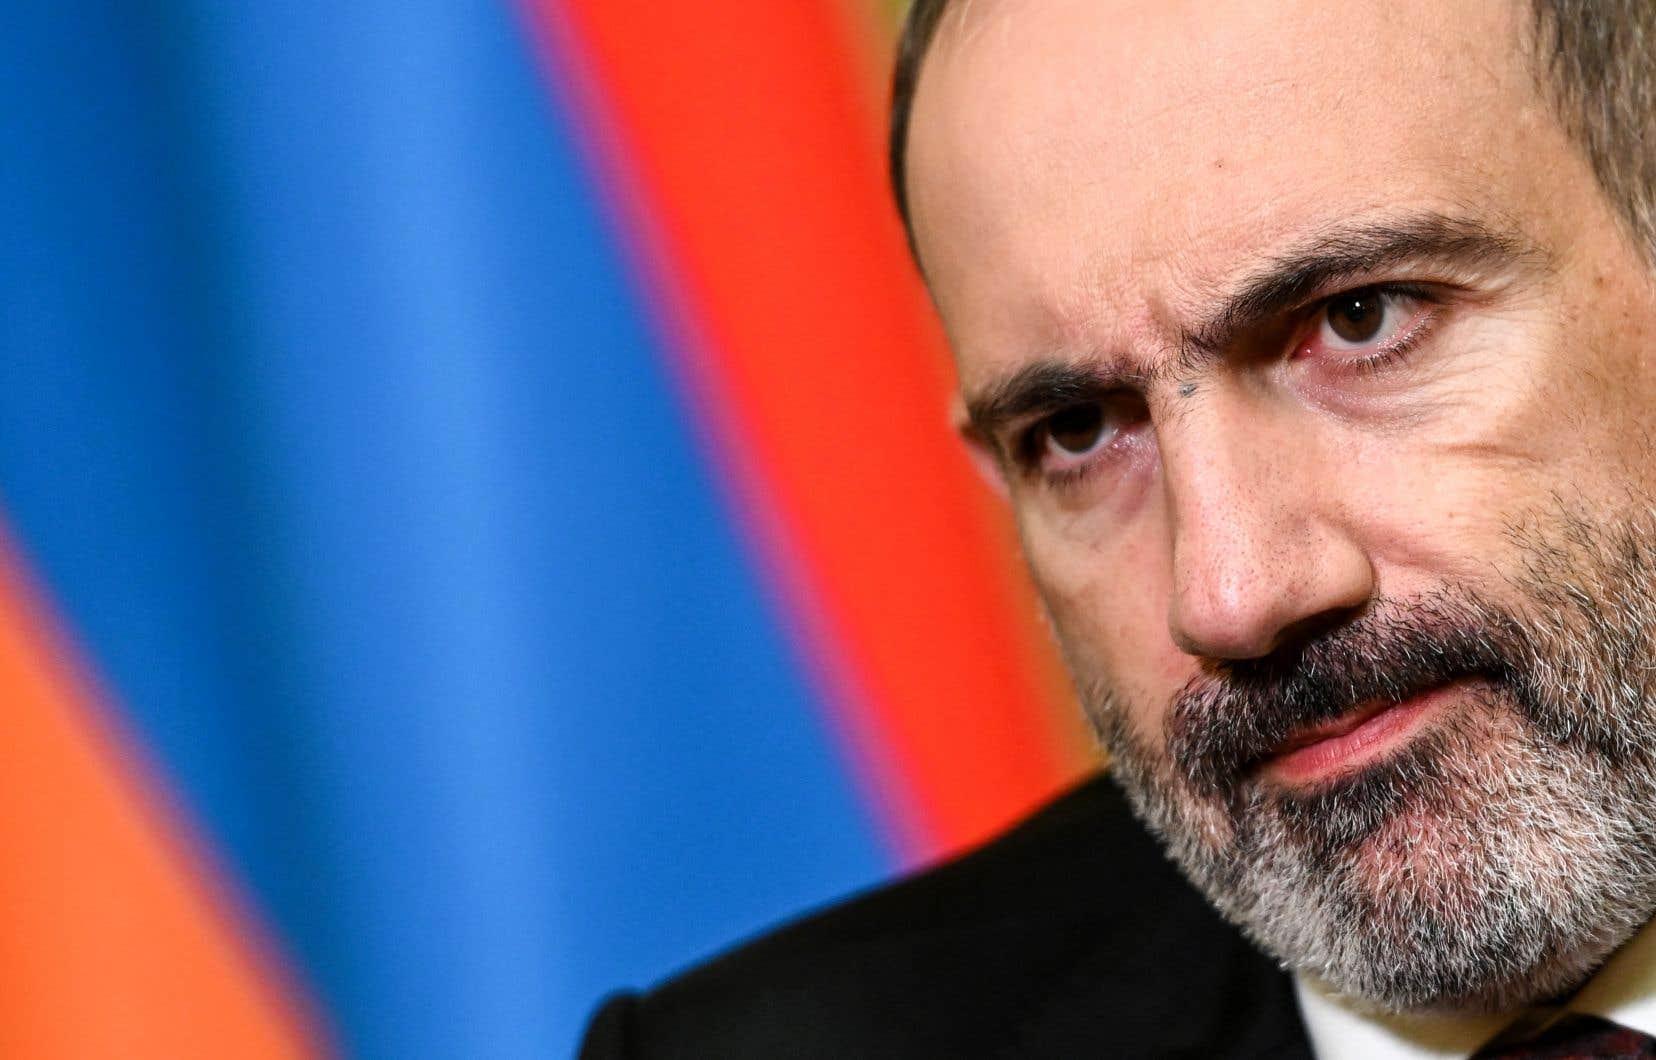 Pour le premier ministre arménien, Nikol Pachinian, les attaques de l'Azerbaïdjan sont motivées par un désir d'expansion de la Turquie vers le sud et l'est.